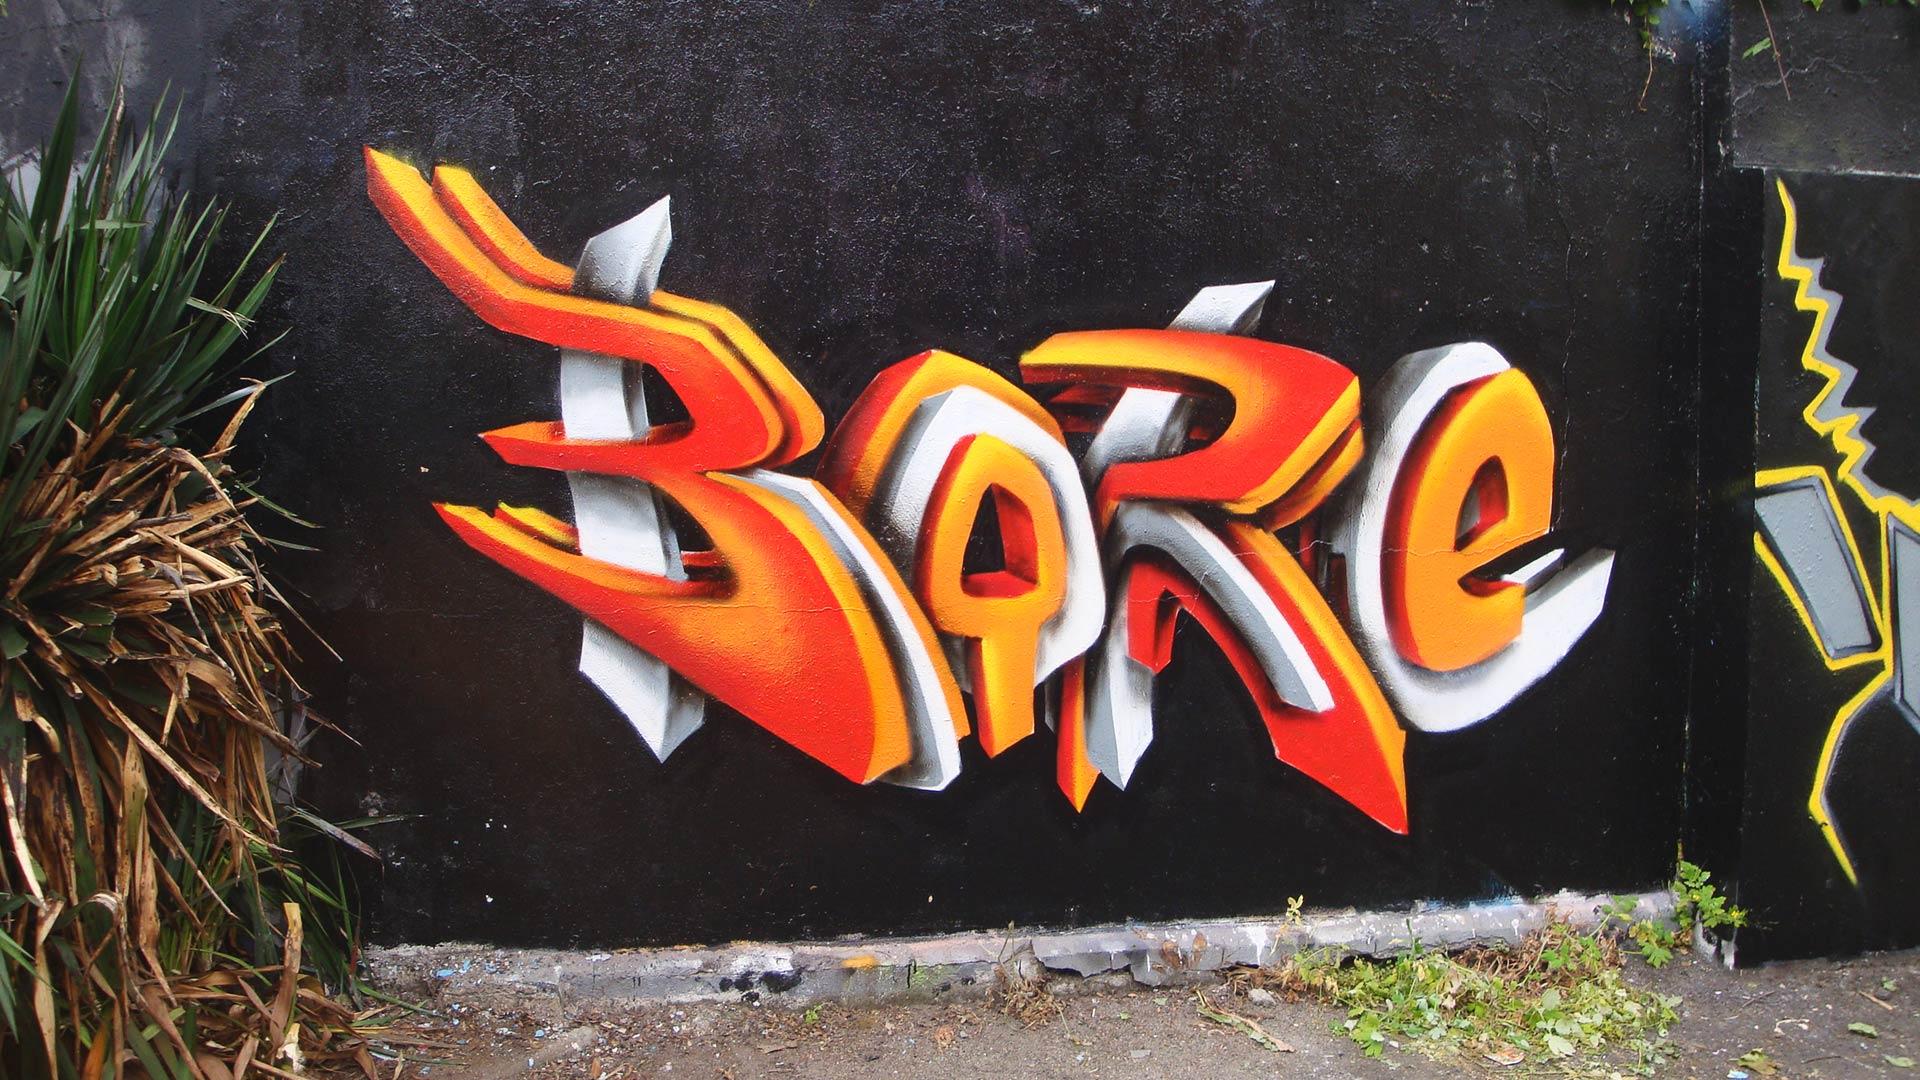 Boré  - Graffiti